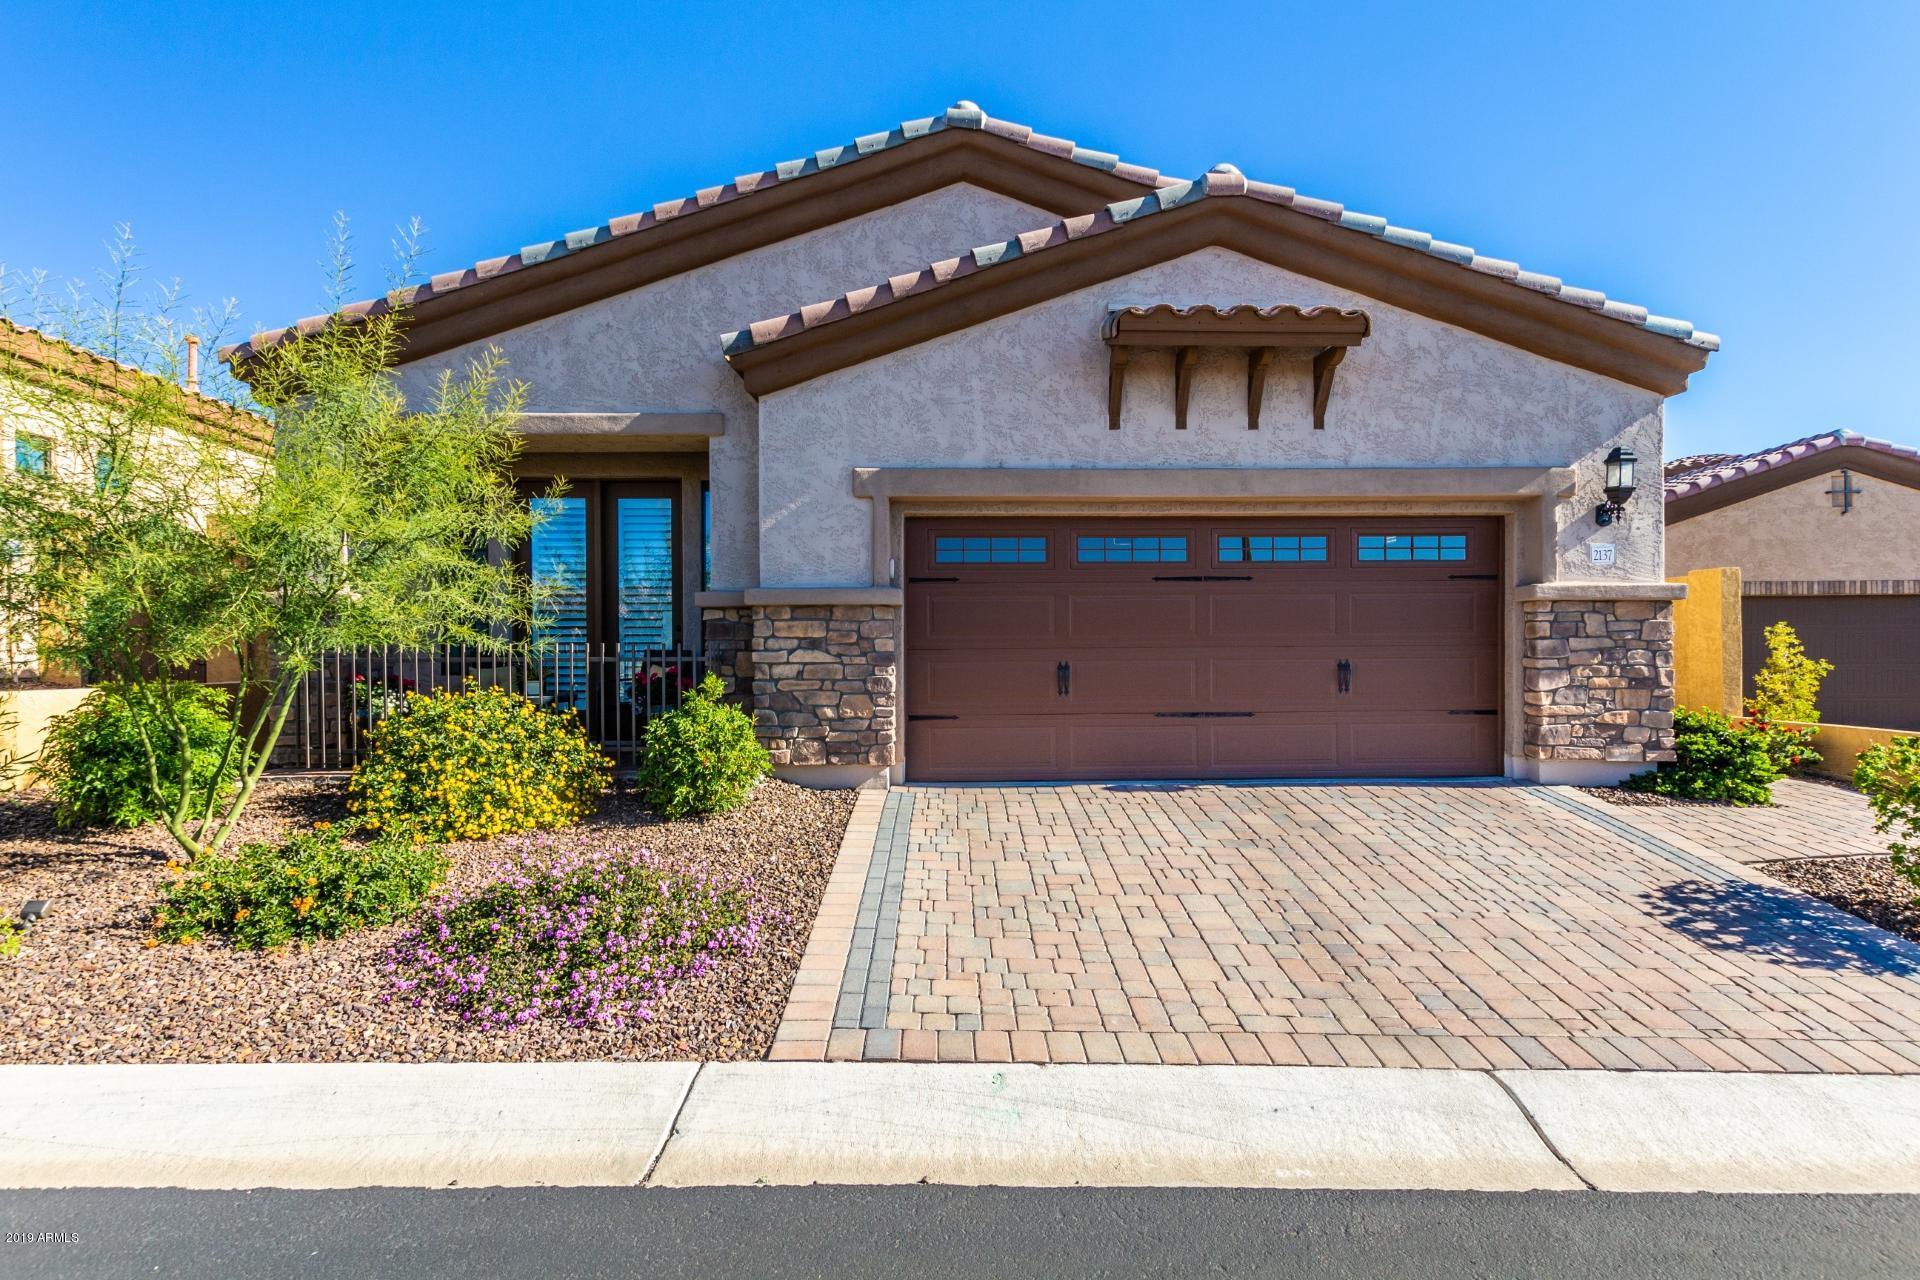 Photo of 2137 N Atwood --, Mesa, AZ 85207